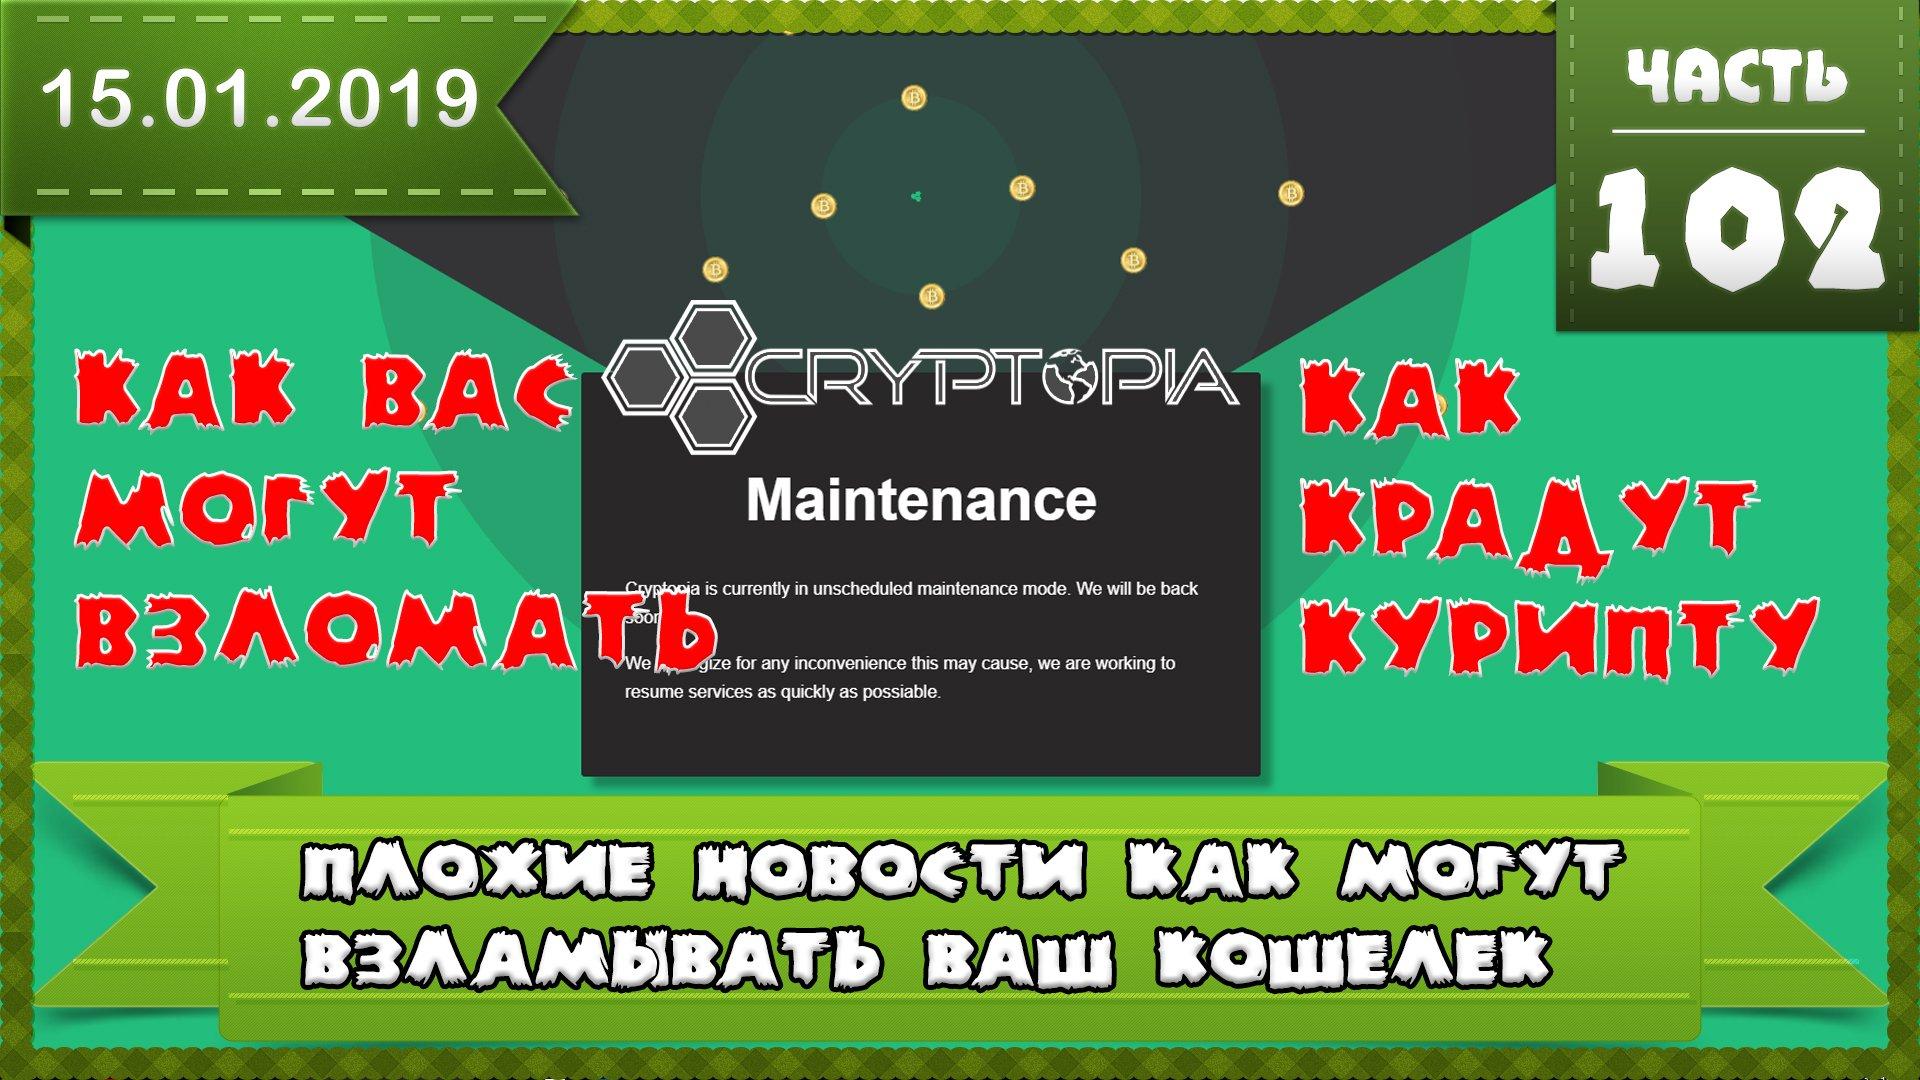 Как взломать вашу крипту - кошелек, взлом биржы Cryptopia, криптовалютные вирусы Ryuk, скам форки